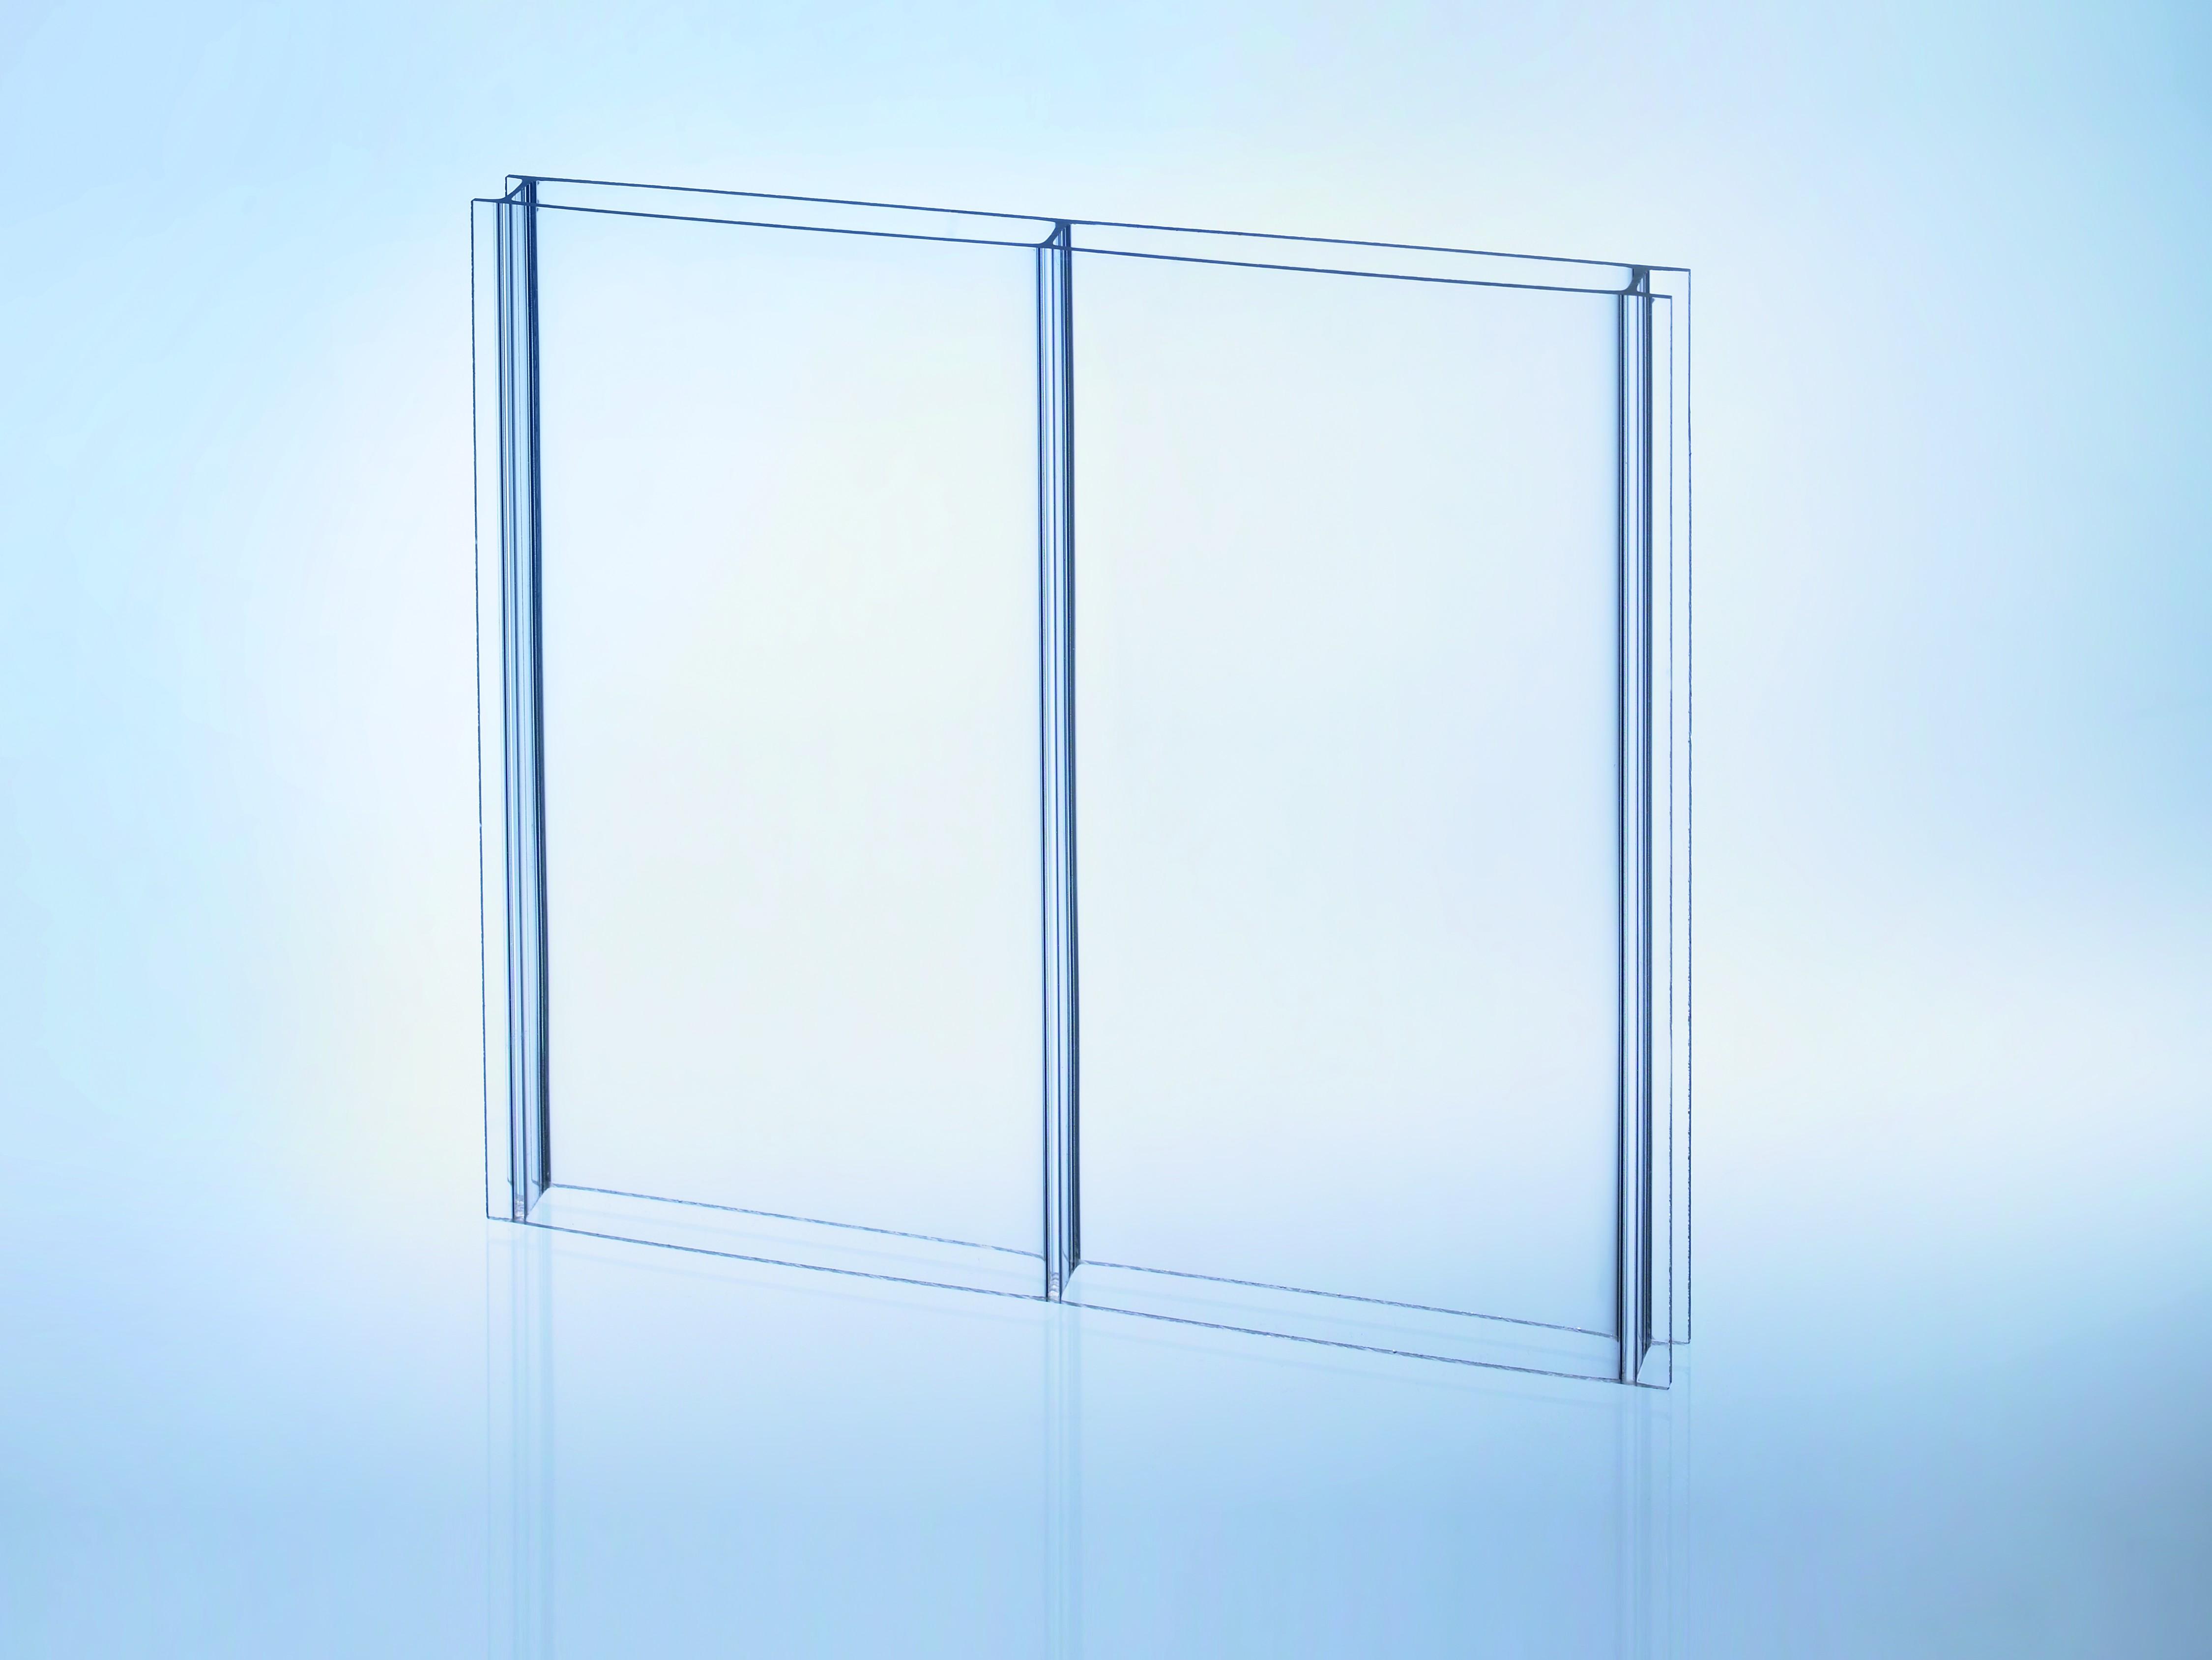 16mm doppelstegplatten acrylglas der durchblicker glasklar z une sichtschutzelemente im. Black Bedroom Furniture Sets. Home Design Ideas